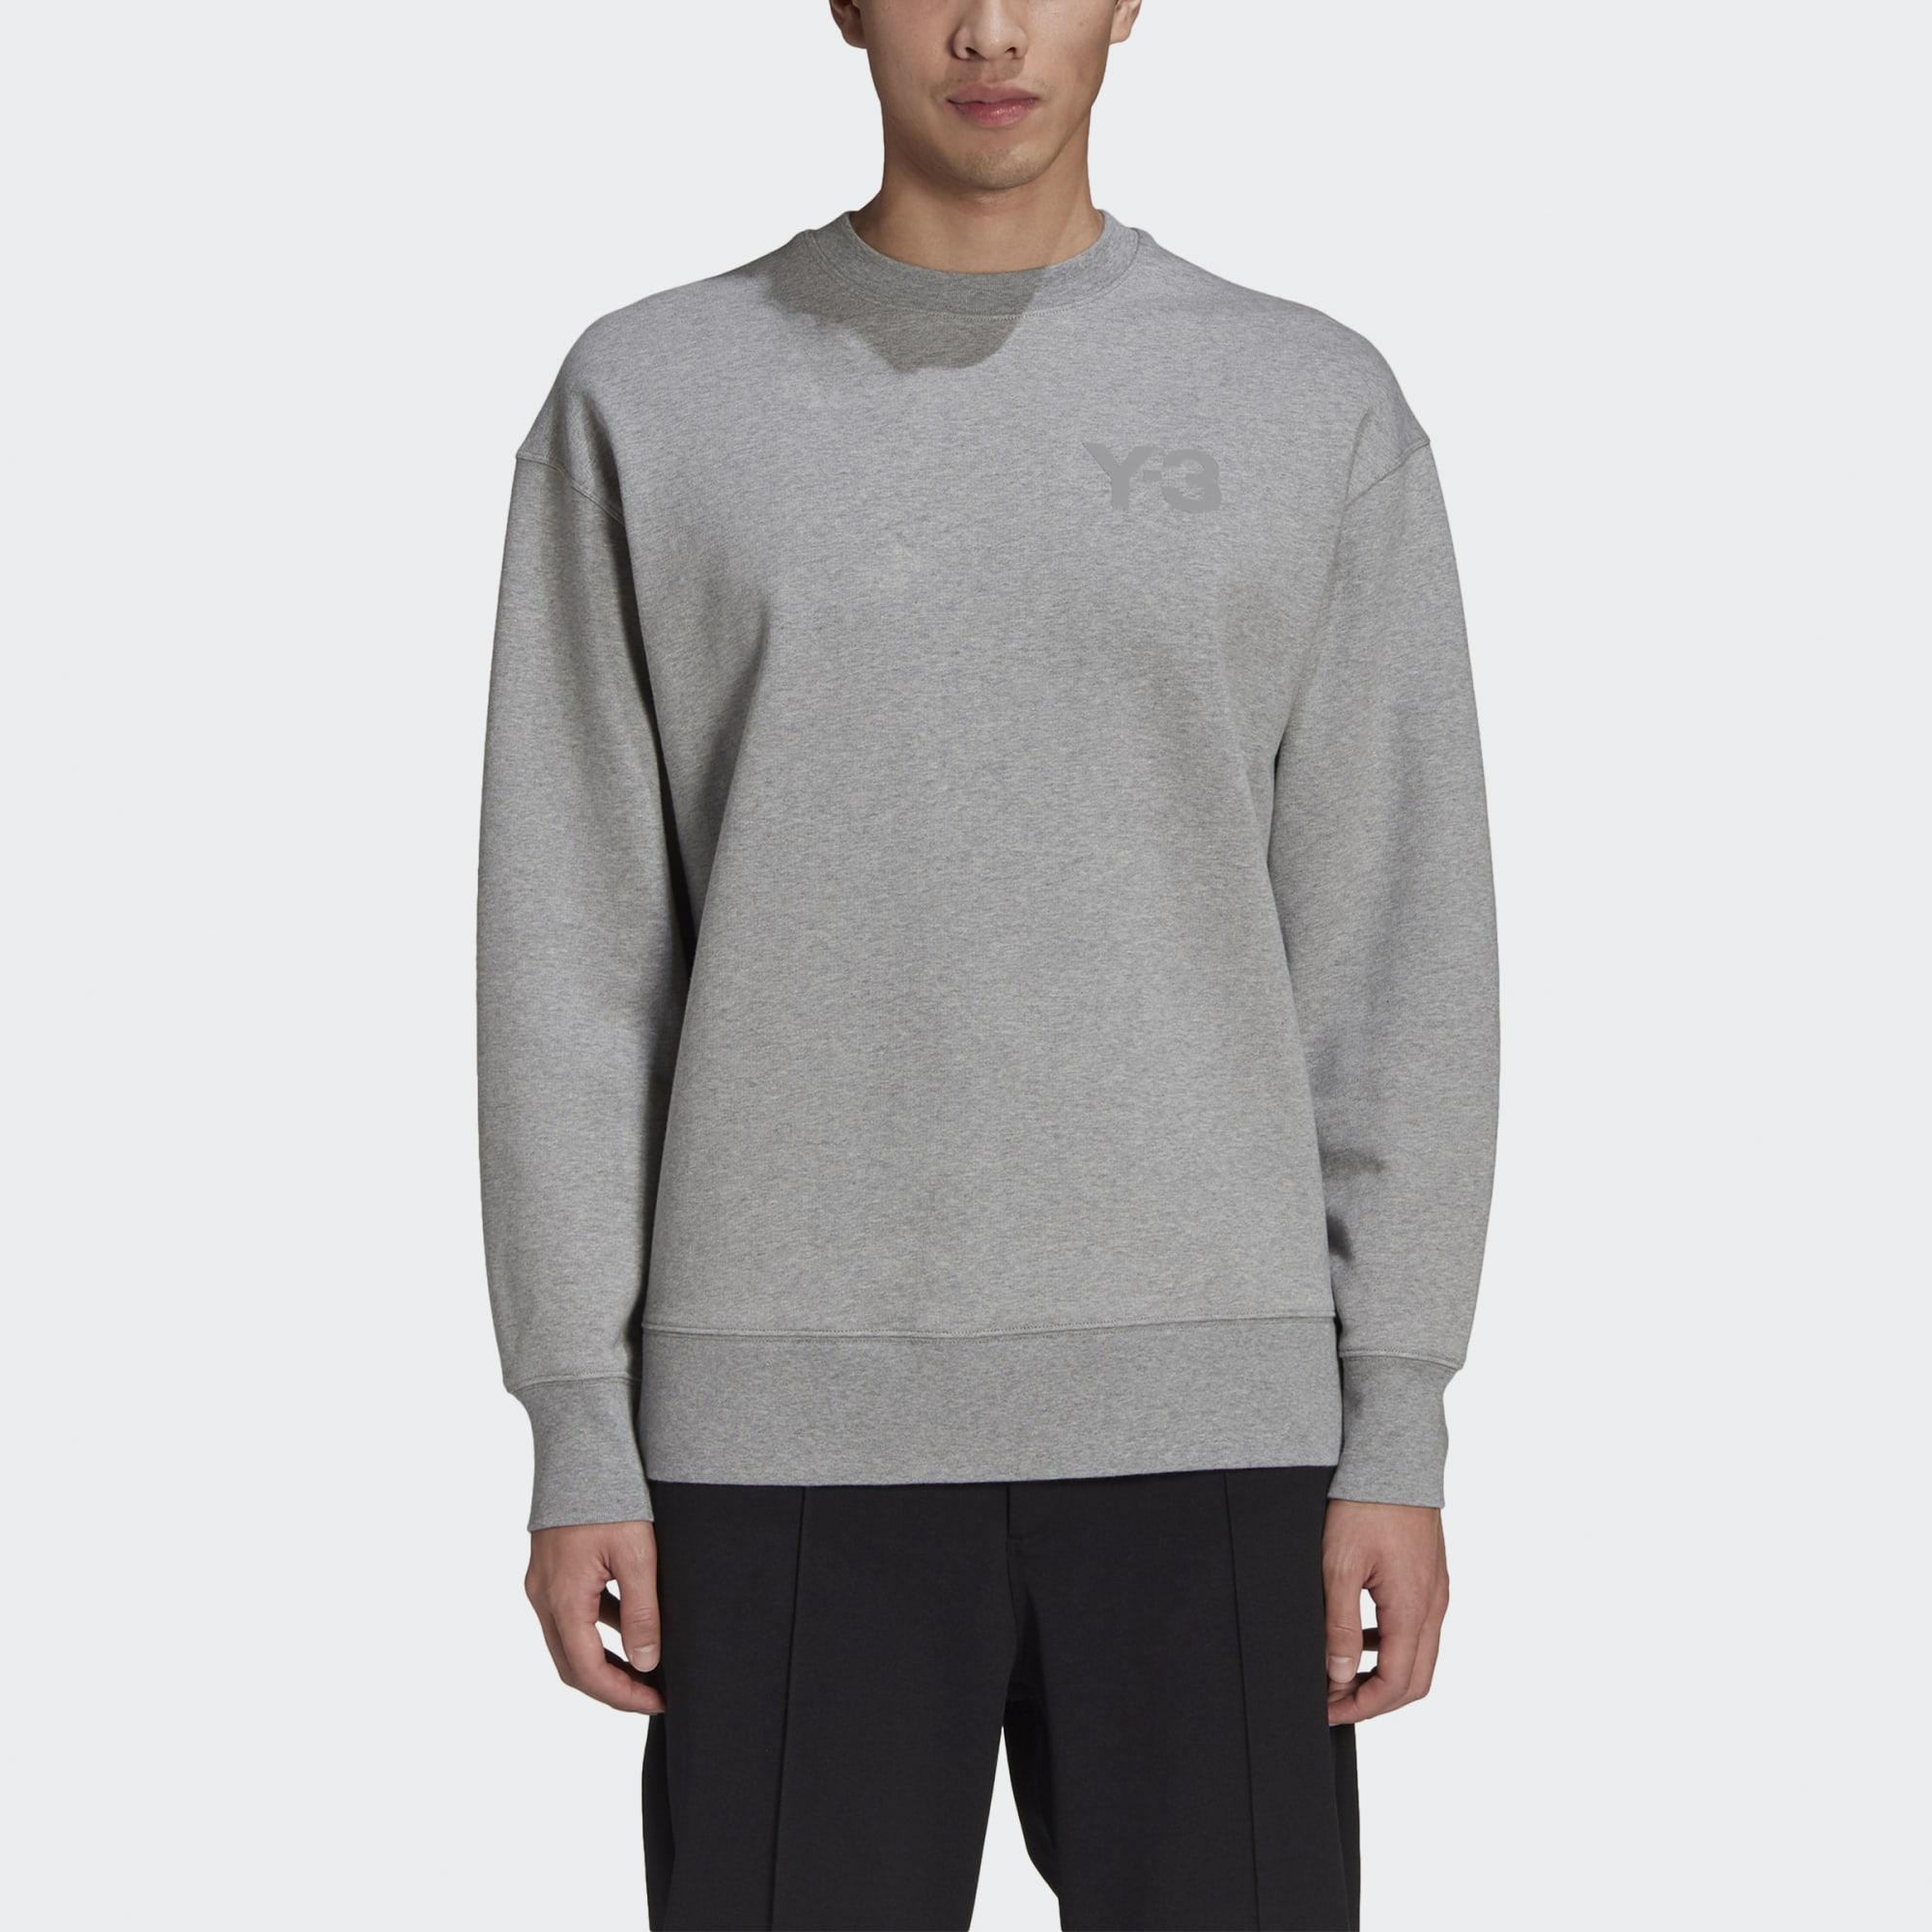 Y-3_Classic_Chest_Logo_Crew_Sweatshirt_Grey_GV4195_21_model